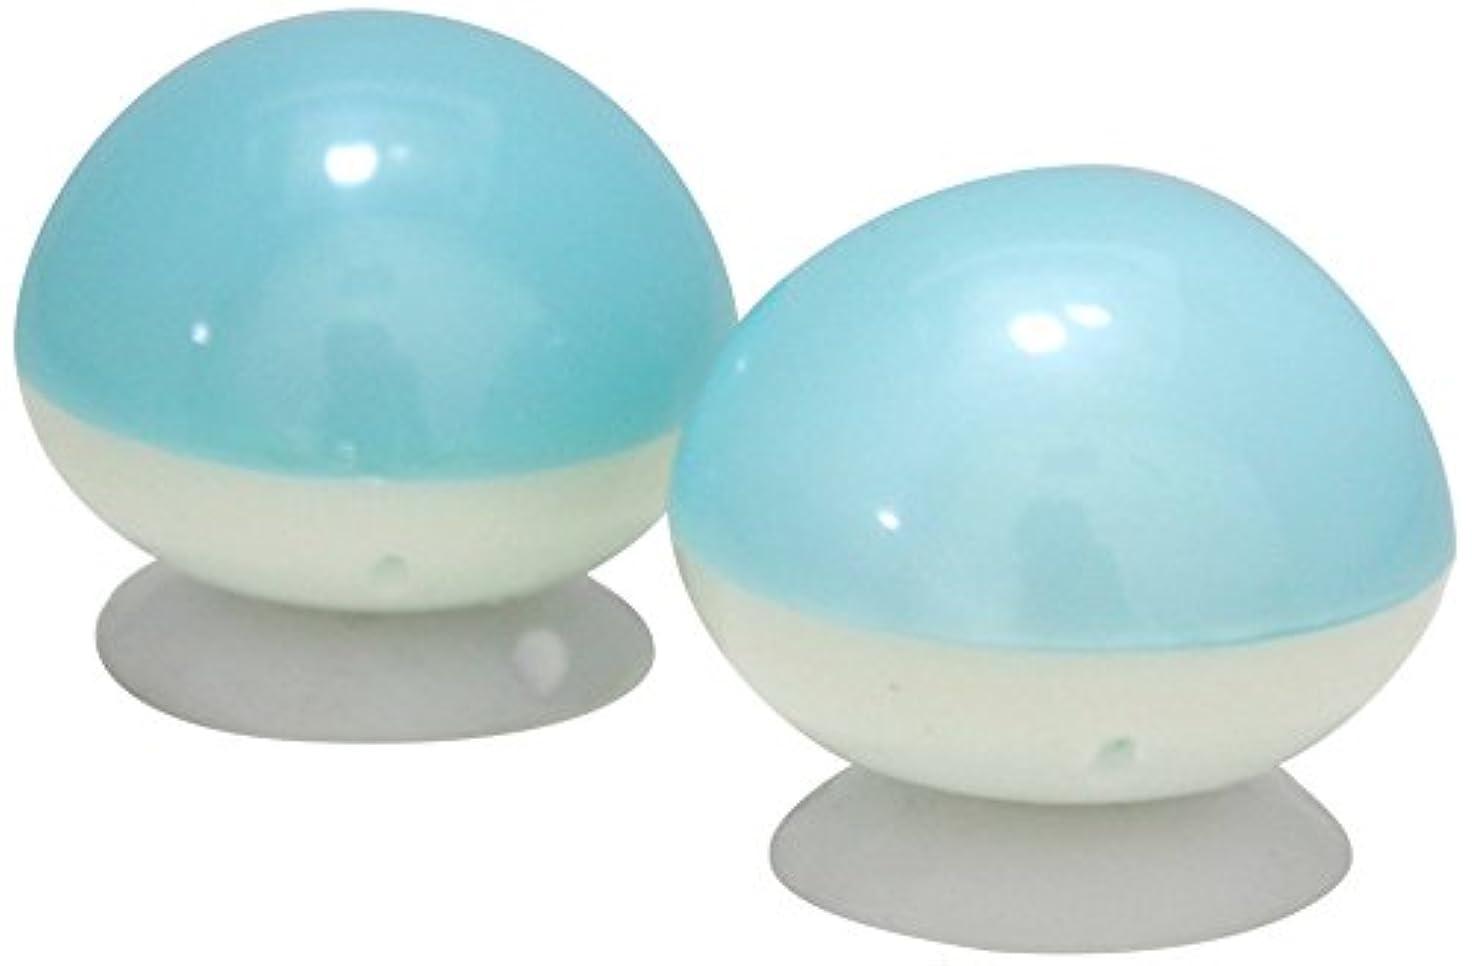 努力する解明するカバーお風呂 マッサージ 首 足 ツボ押し 指圧 球 こりないくん (2個組)